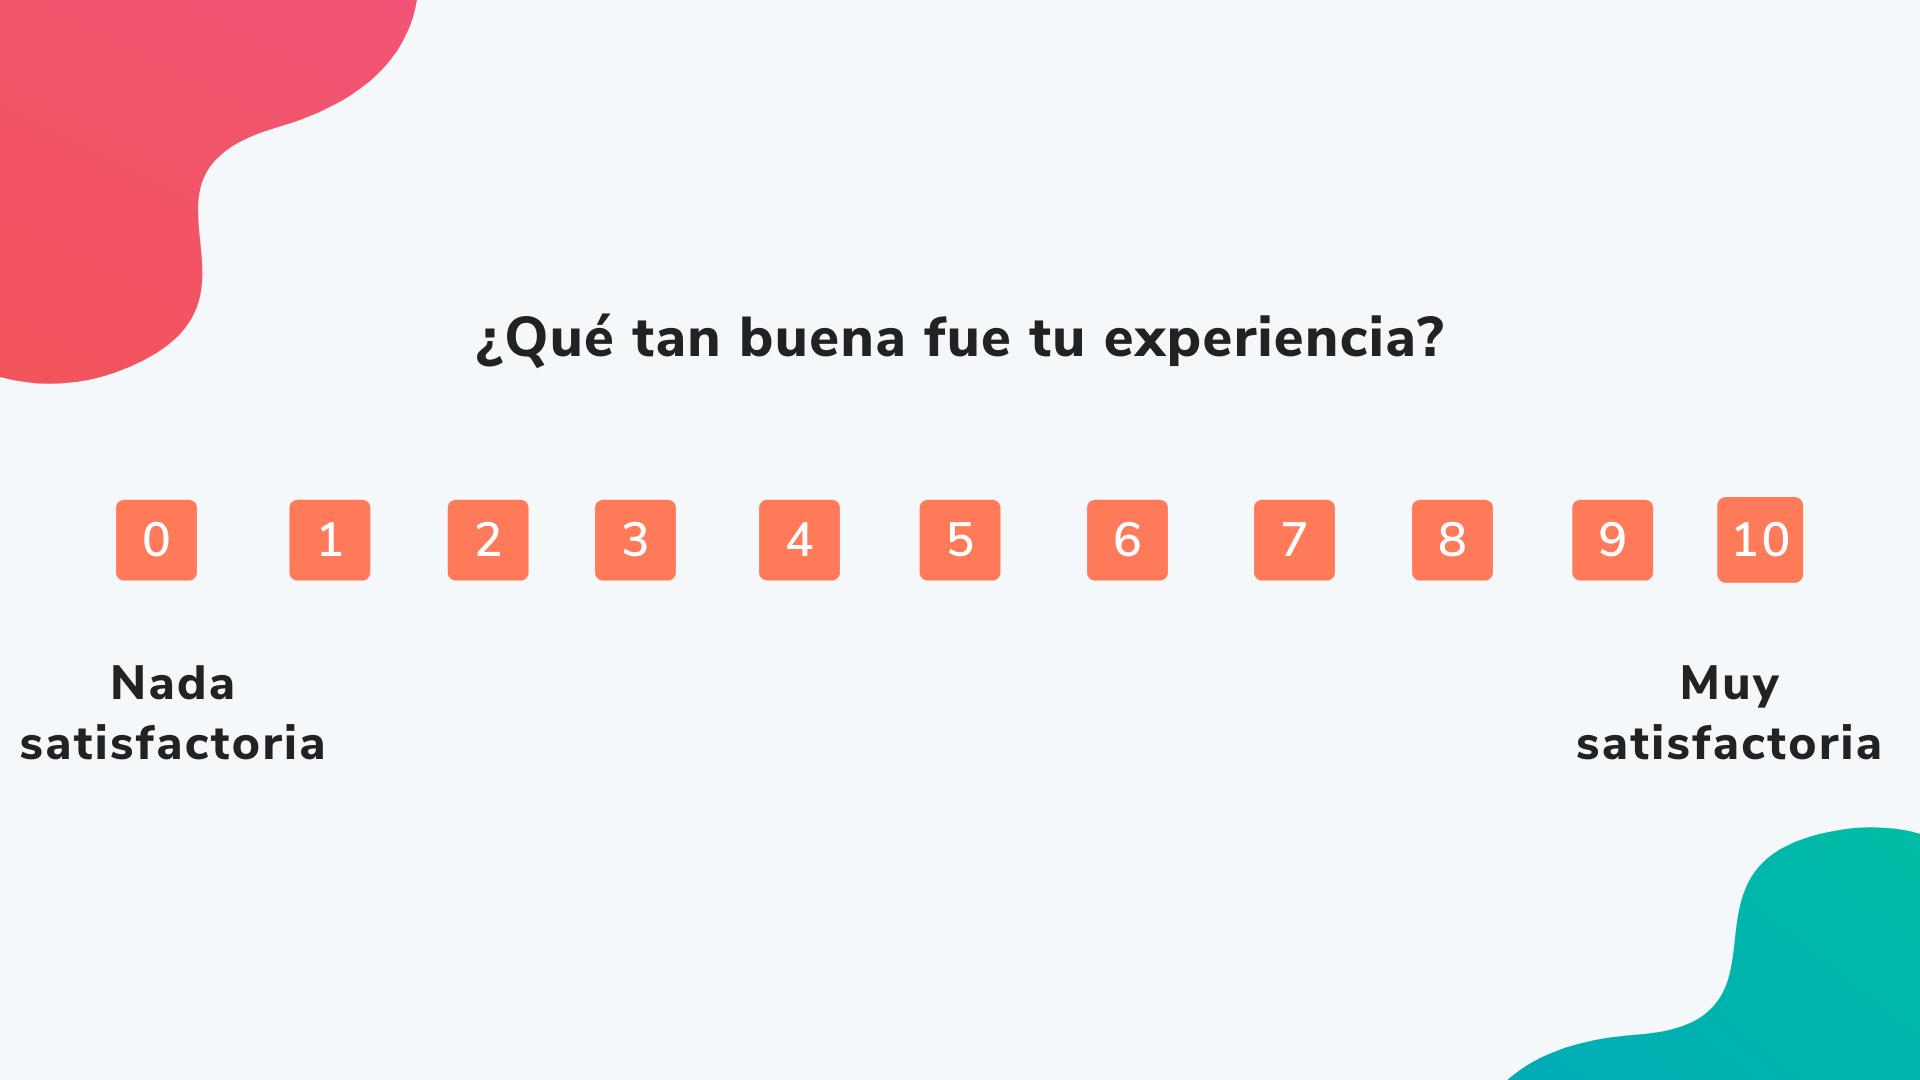 Cómo hacer una encuesta de satisfacción NPS: pregunta sobre nivel de experiencia